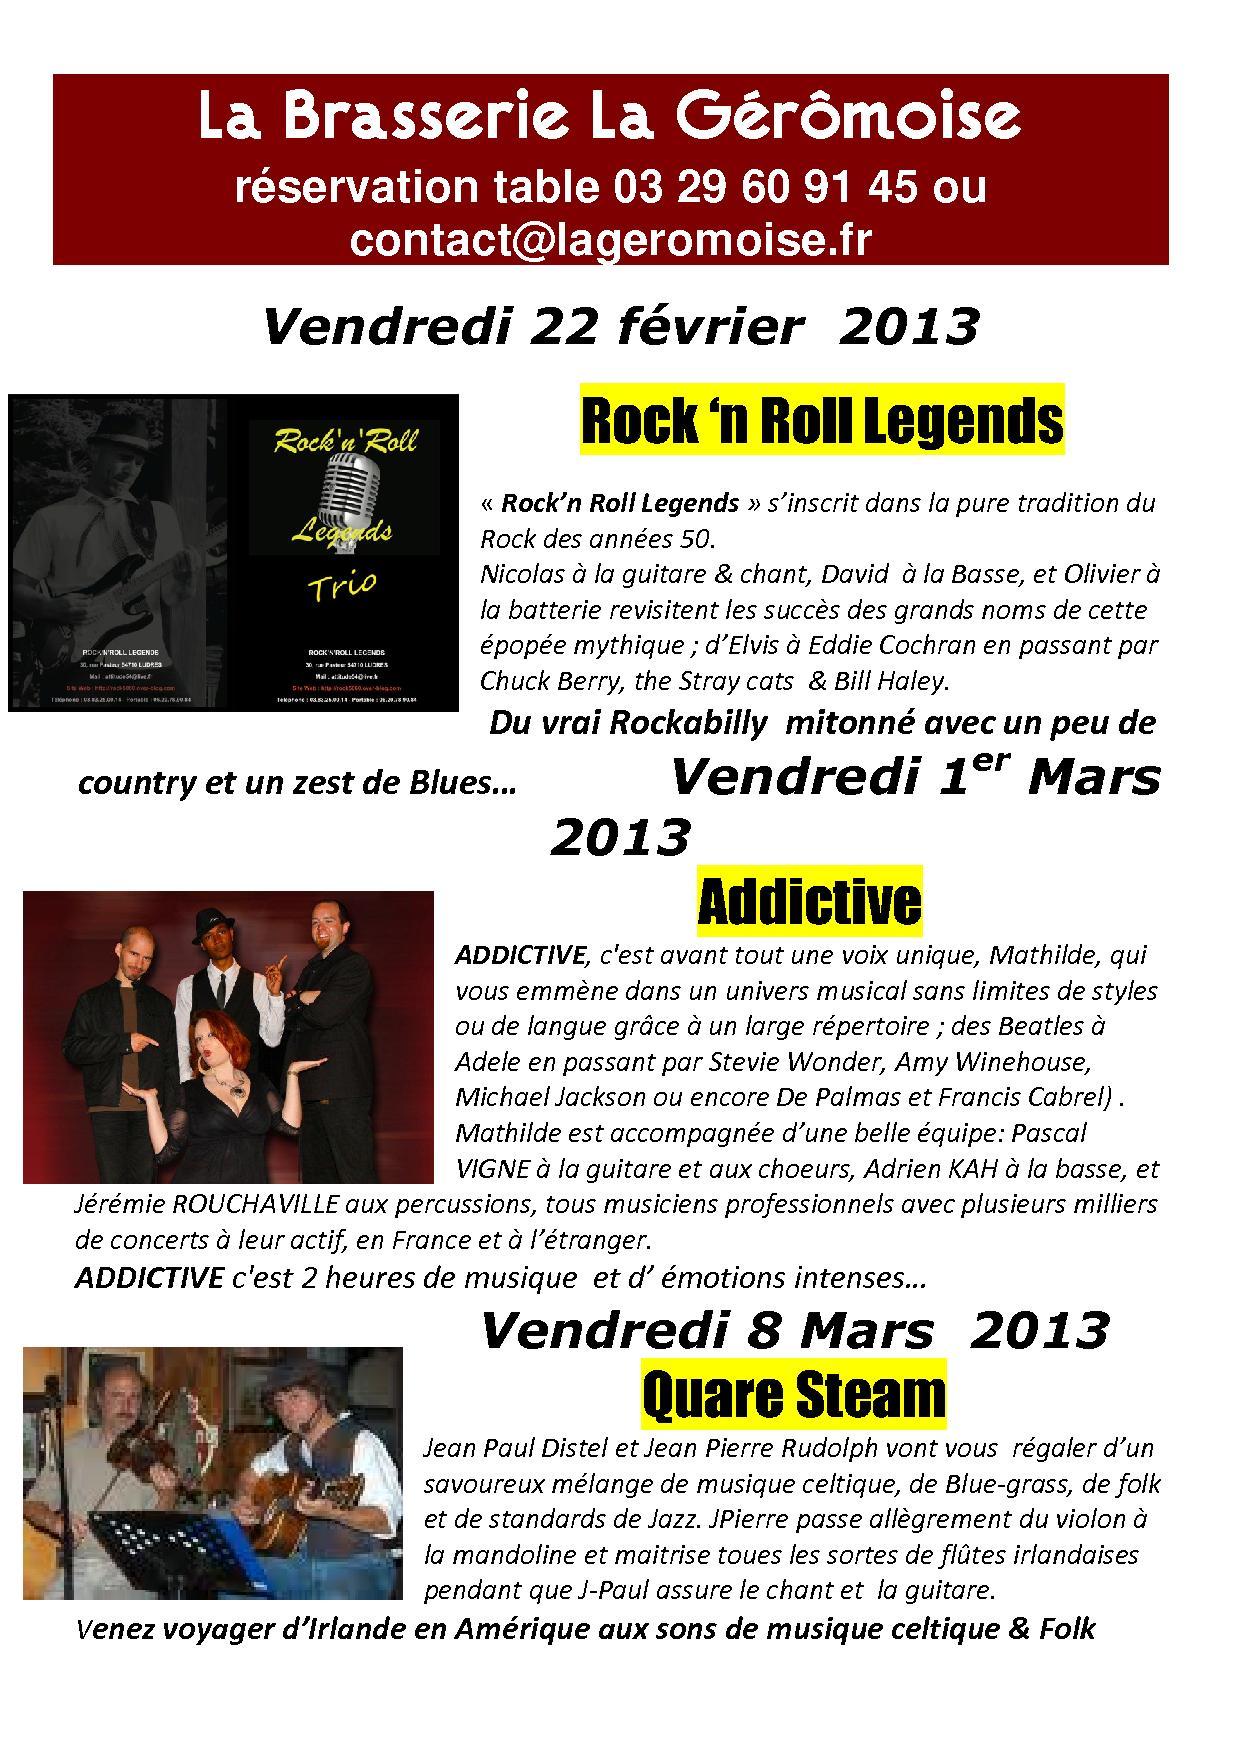 concerts-vacances-fevrier-mars-2013.jpg